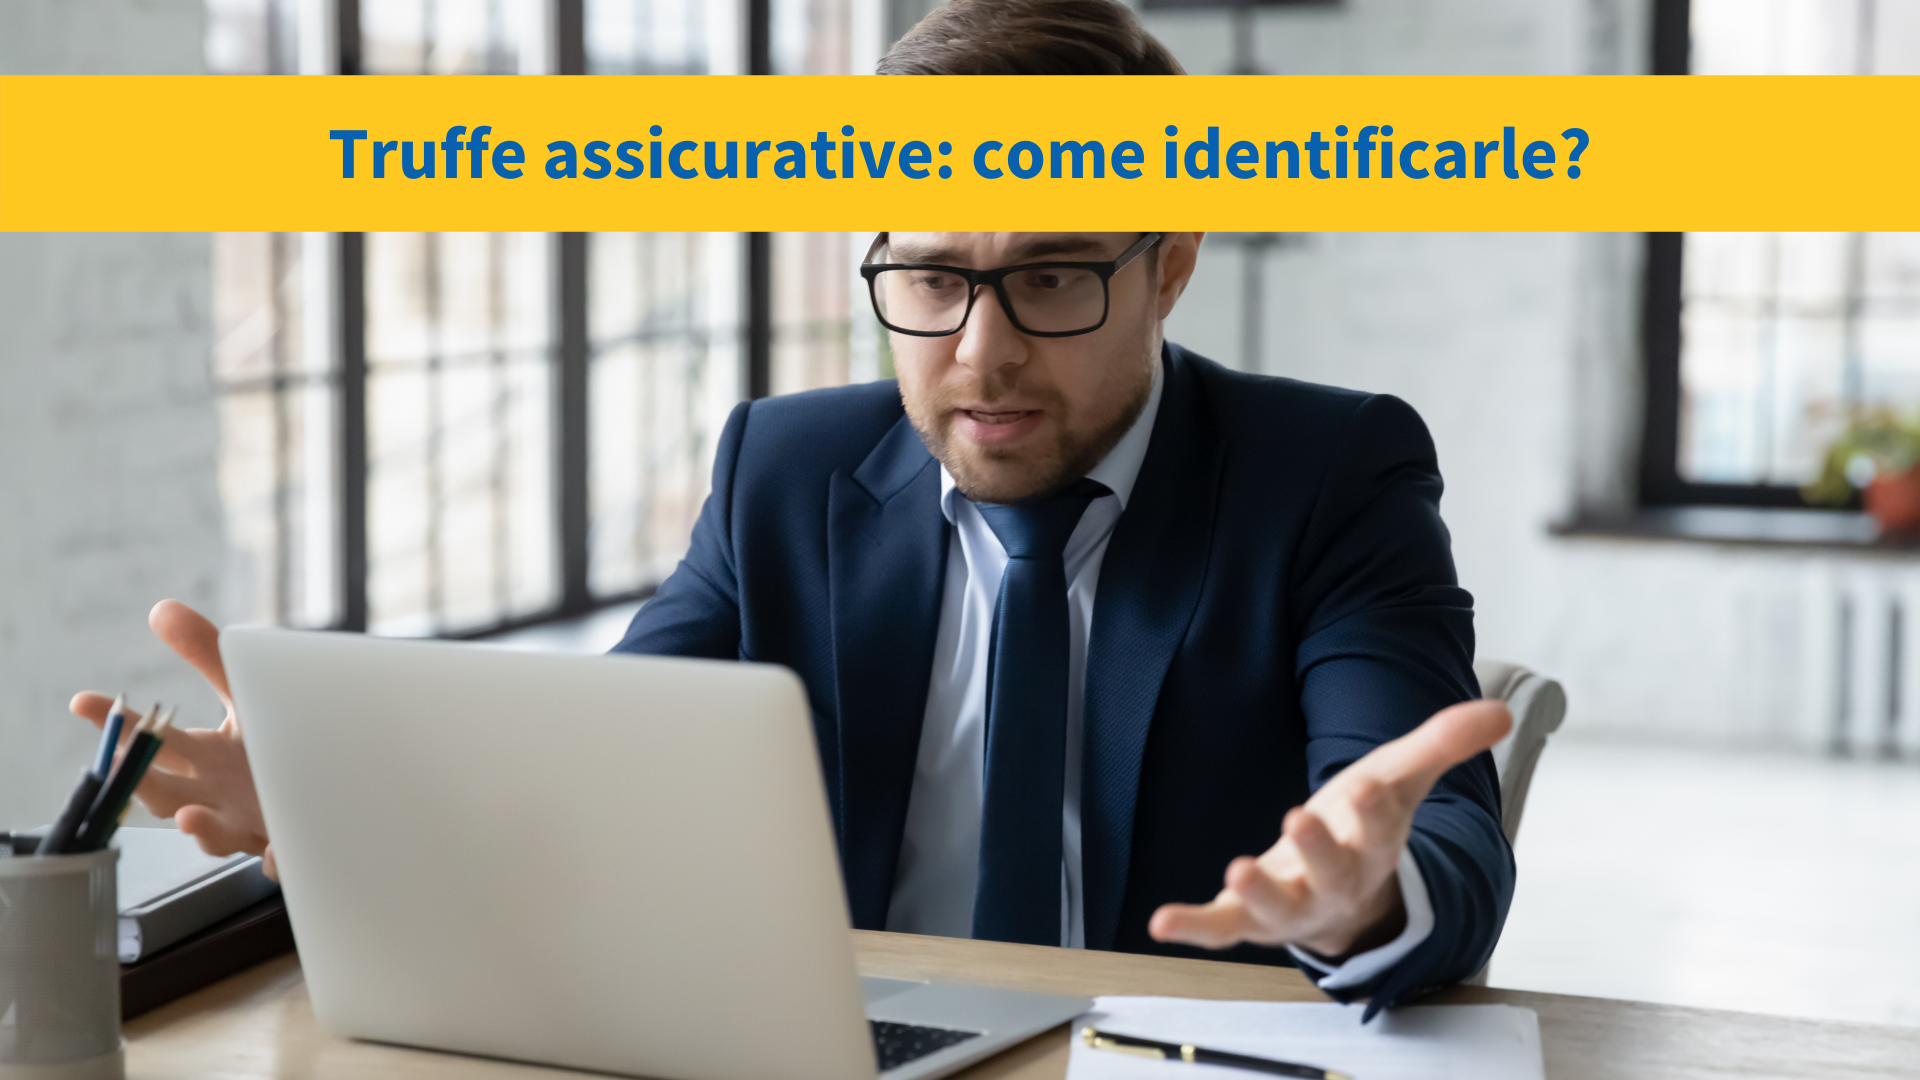 Truffe assicurative: come identificarle?